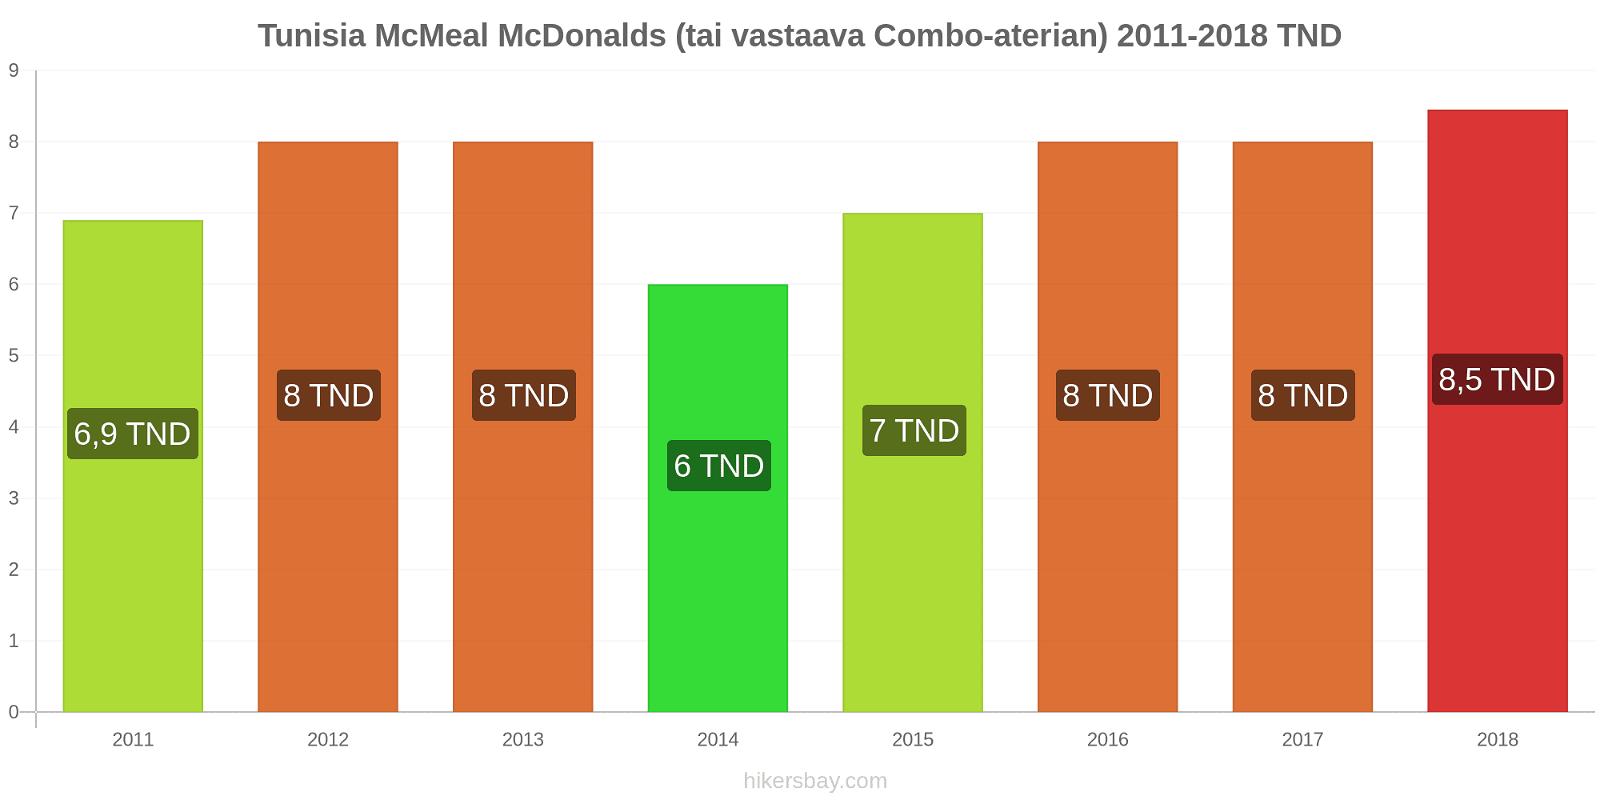 Tunisia hintojen muutokset McMeal McDonalds (tai vastaava Combo-aterian) hikersbay.com